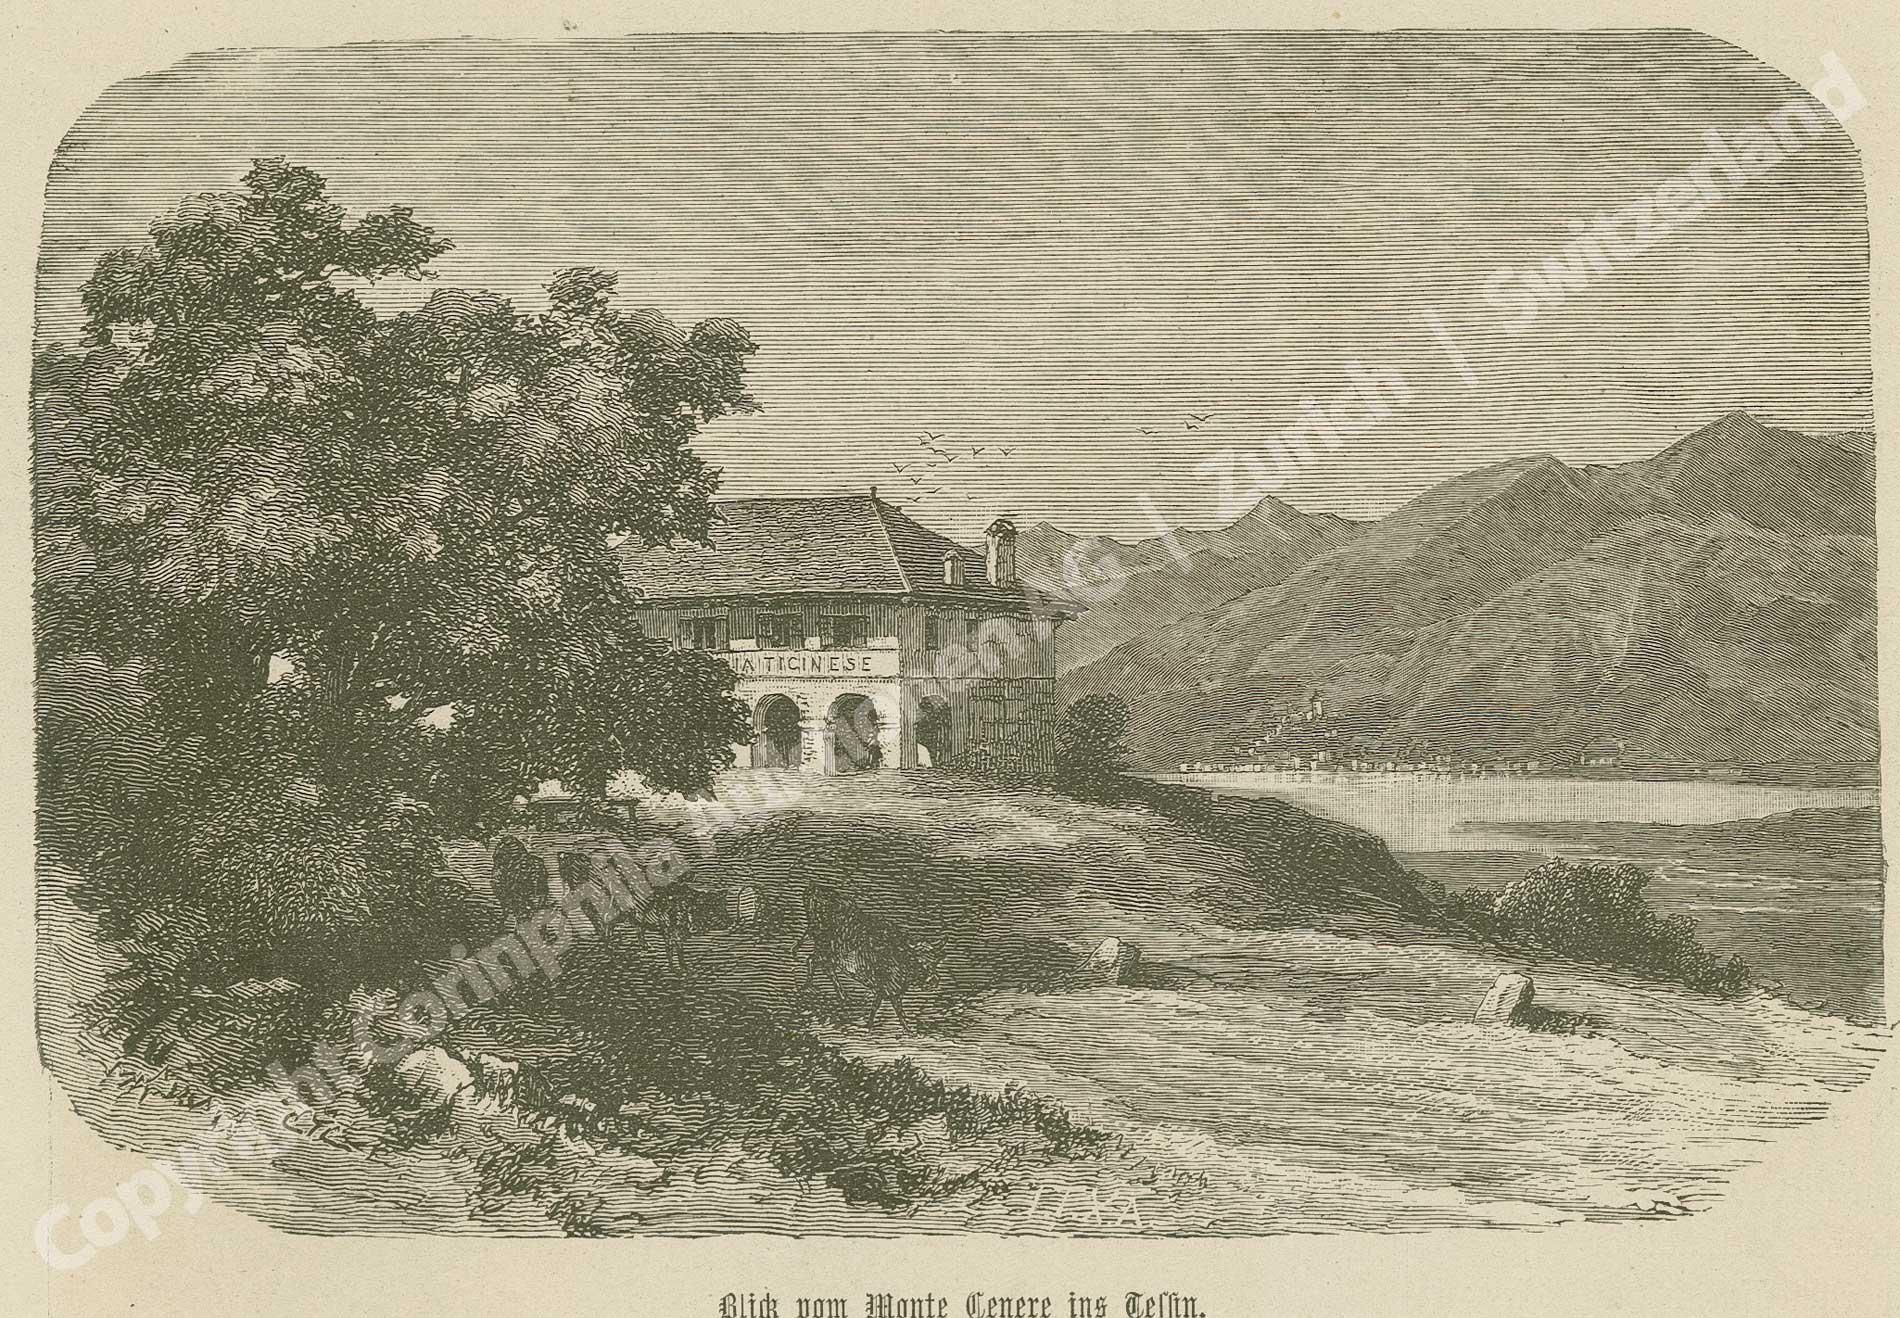 Monte Ceneri